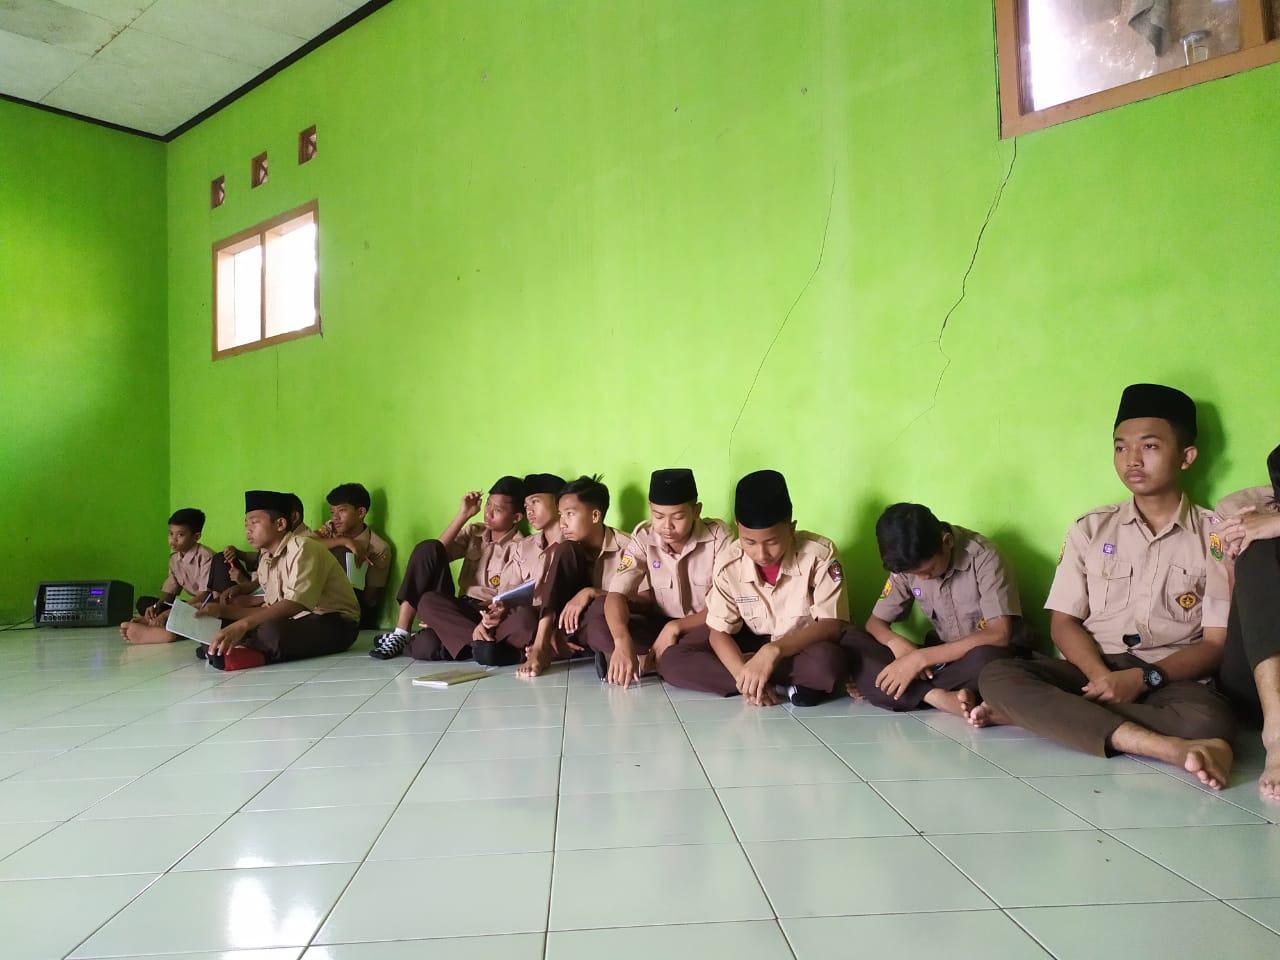 Bawaslu Kota Banjar, Inisiasi Kegiatan Bawaslu Saba Sakola